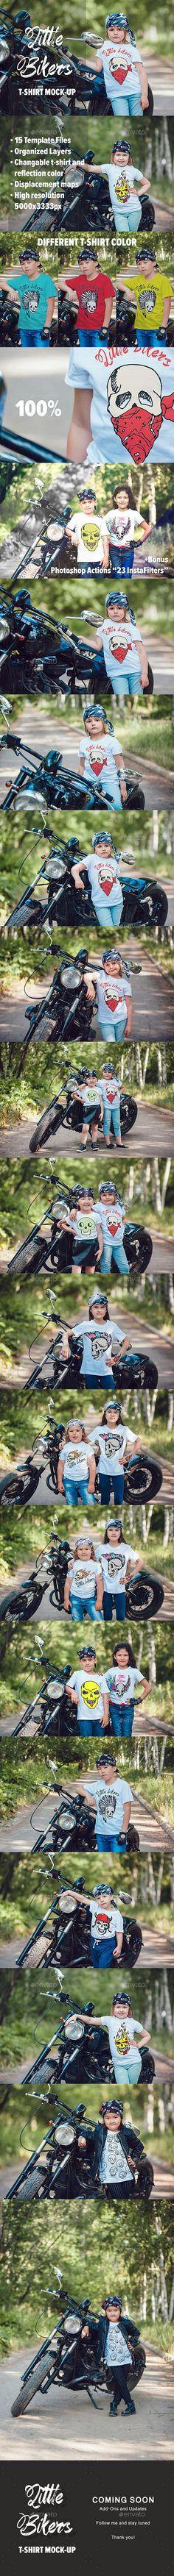 T-shirt design zeixs - Little Bikers T Shirt Mock Up